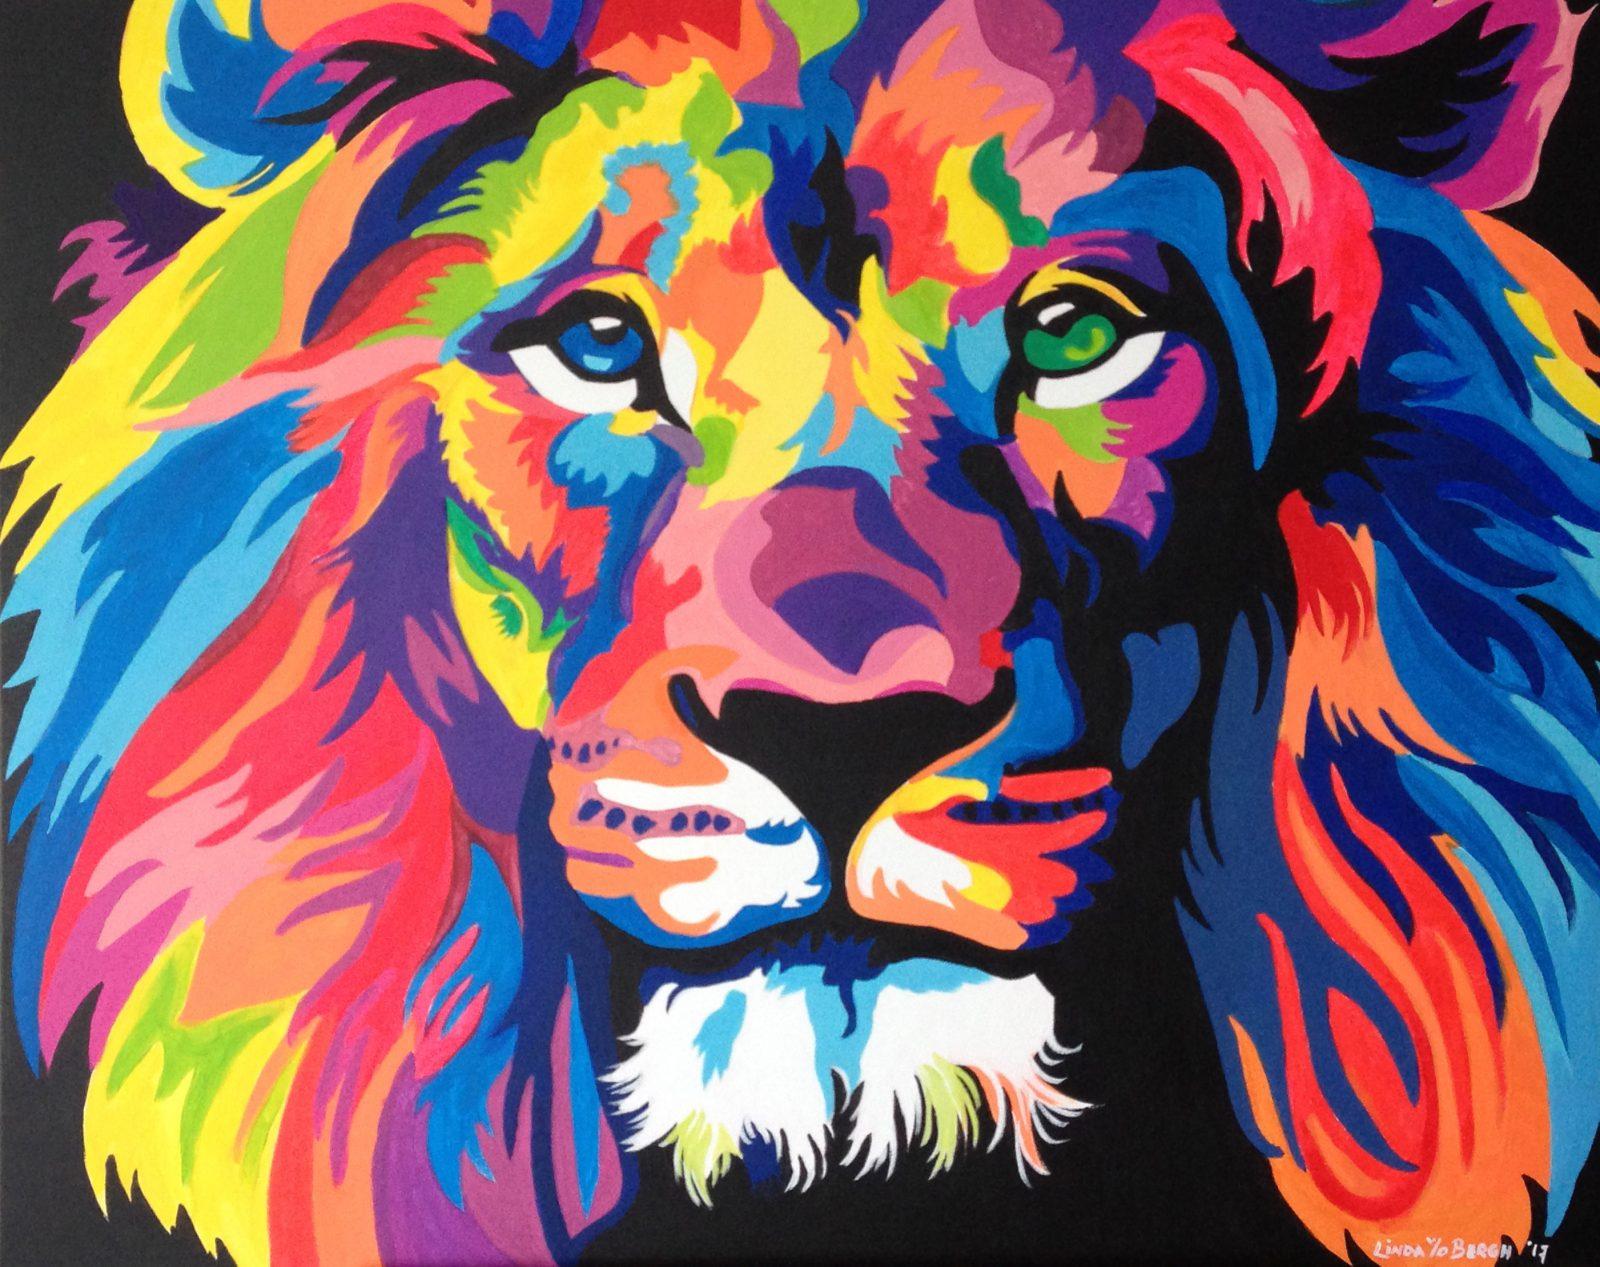 Leeuw in kleur